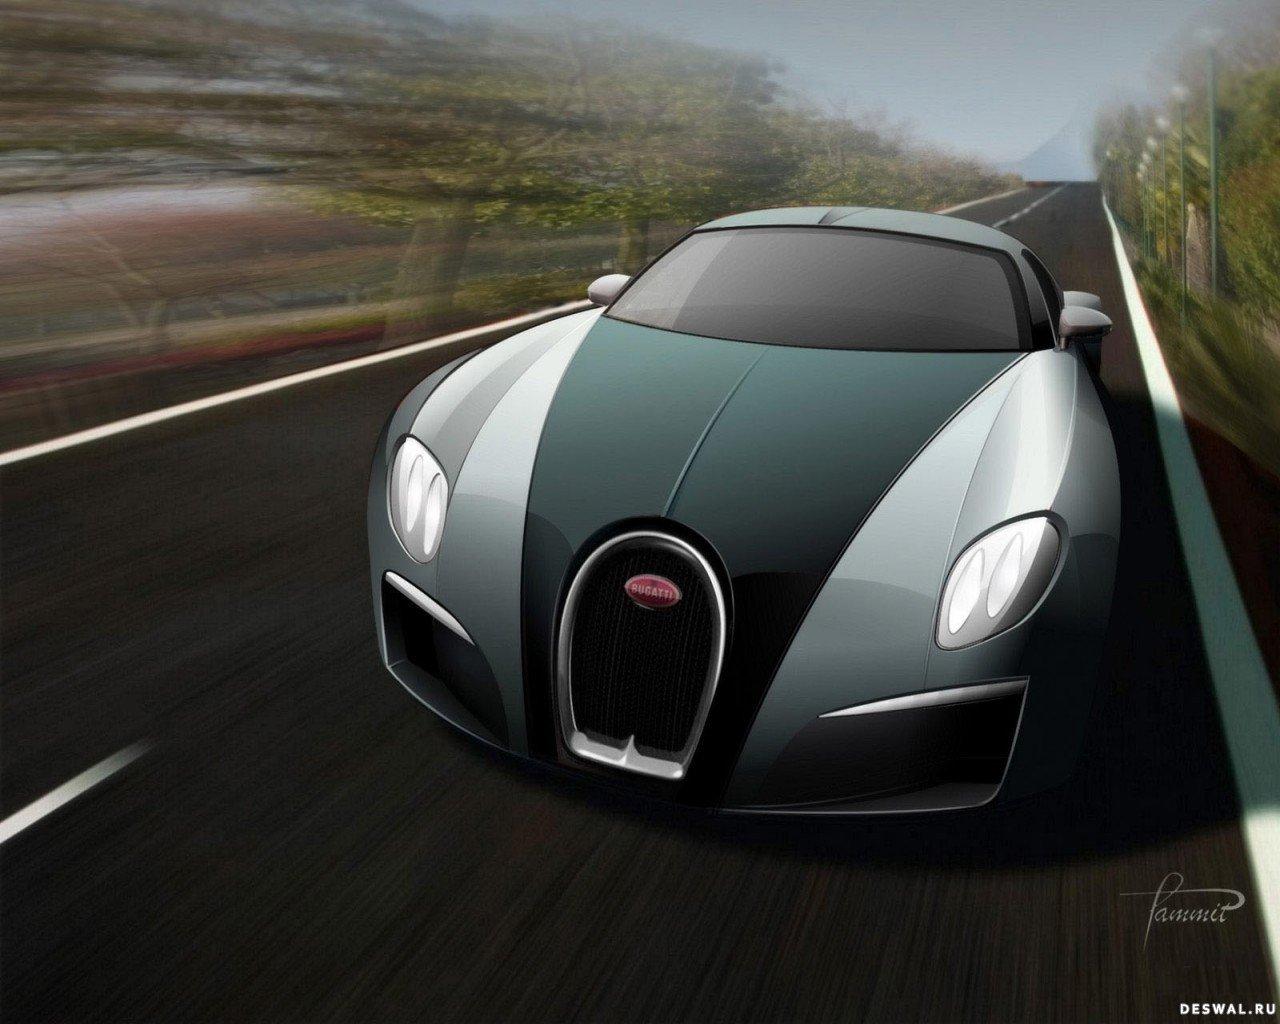 Изображение Bugatti на замечательной фотообои, Нажмите на картинку с обоями автомобиля bugatti, чтобы просмотреть ее в реальном размере